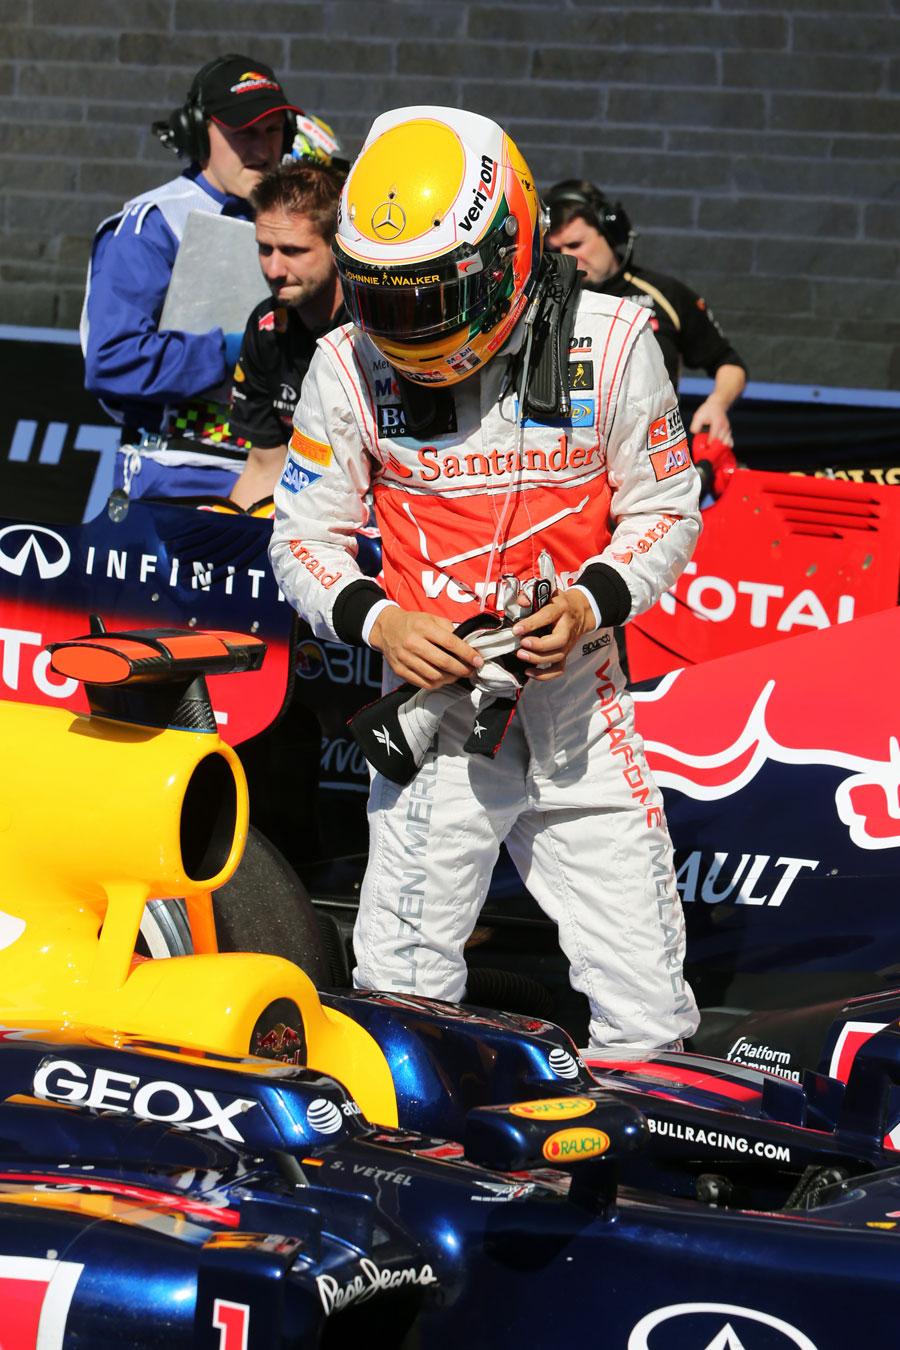 Lewis Hamilton inspects Sebastian Vettel's Red Bull in parc ferme